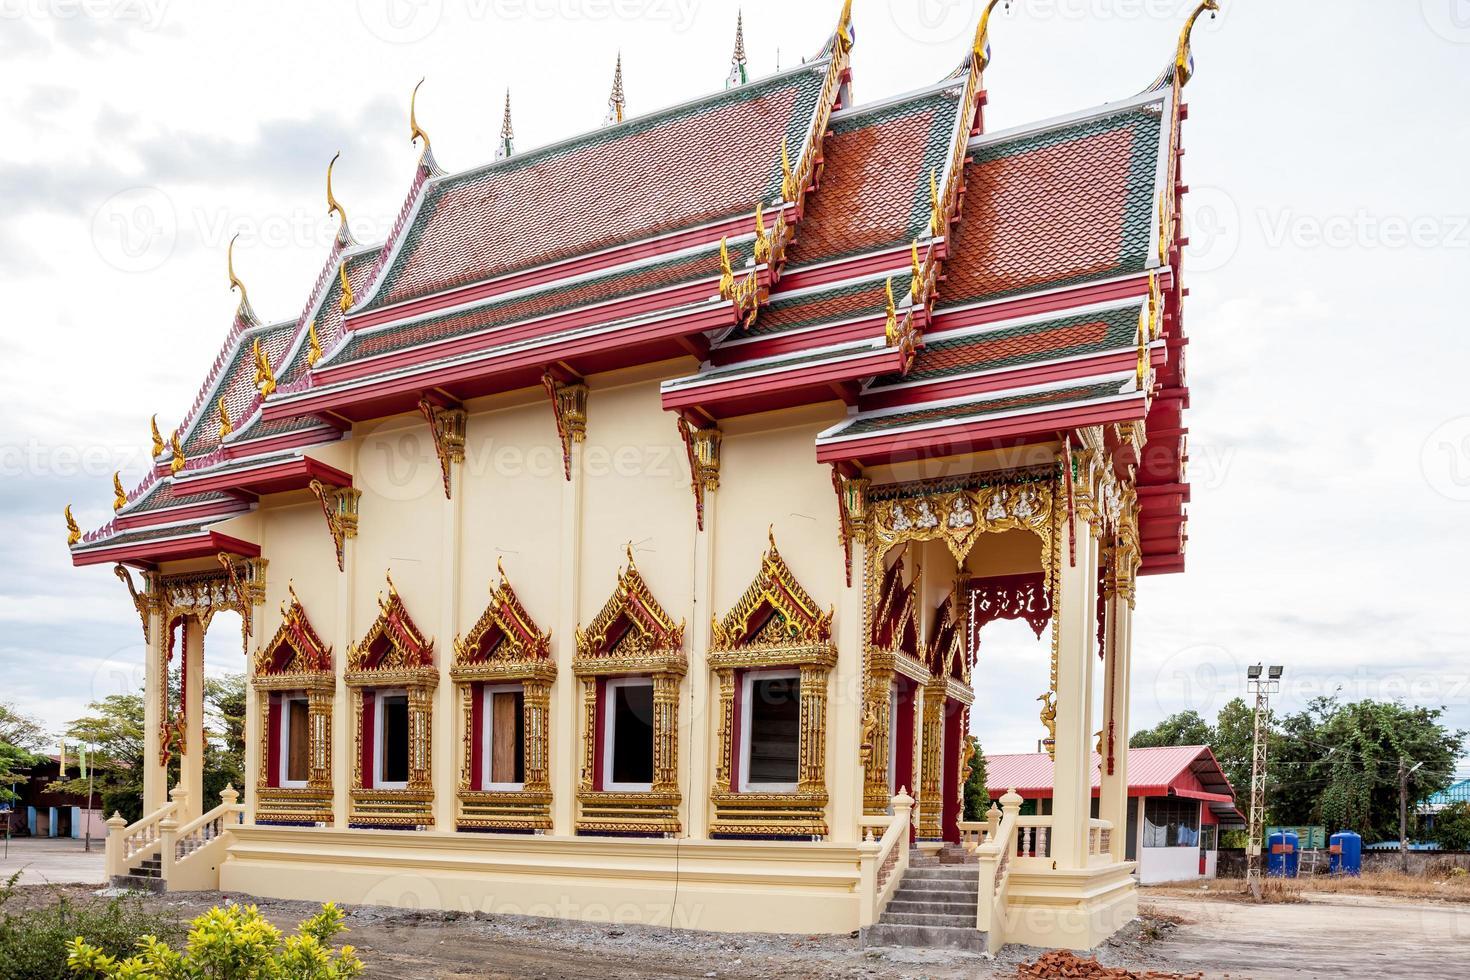 nouveau temple en thaïlande photo